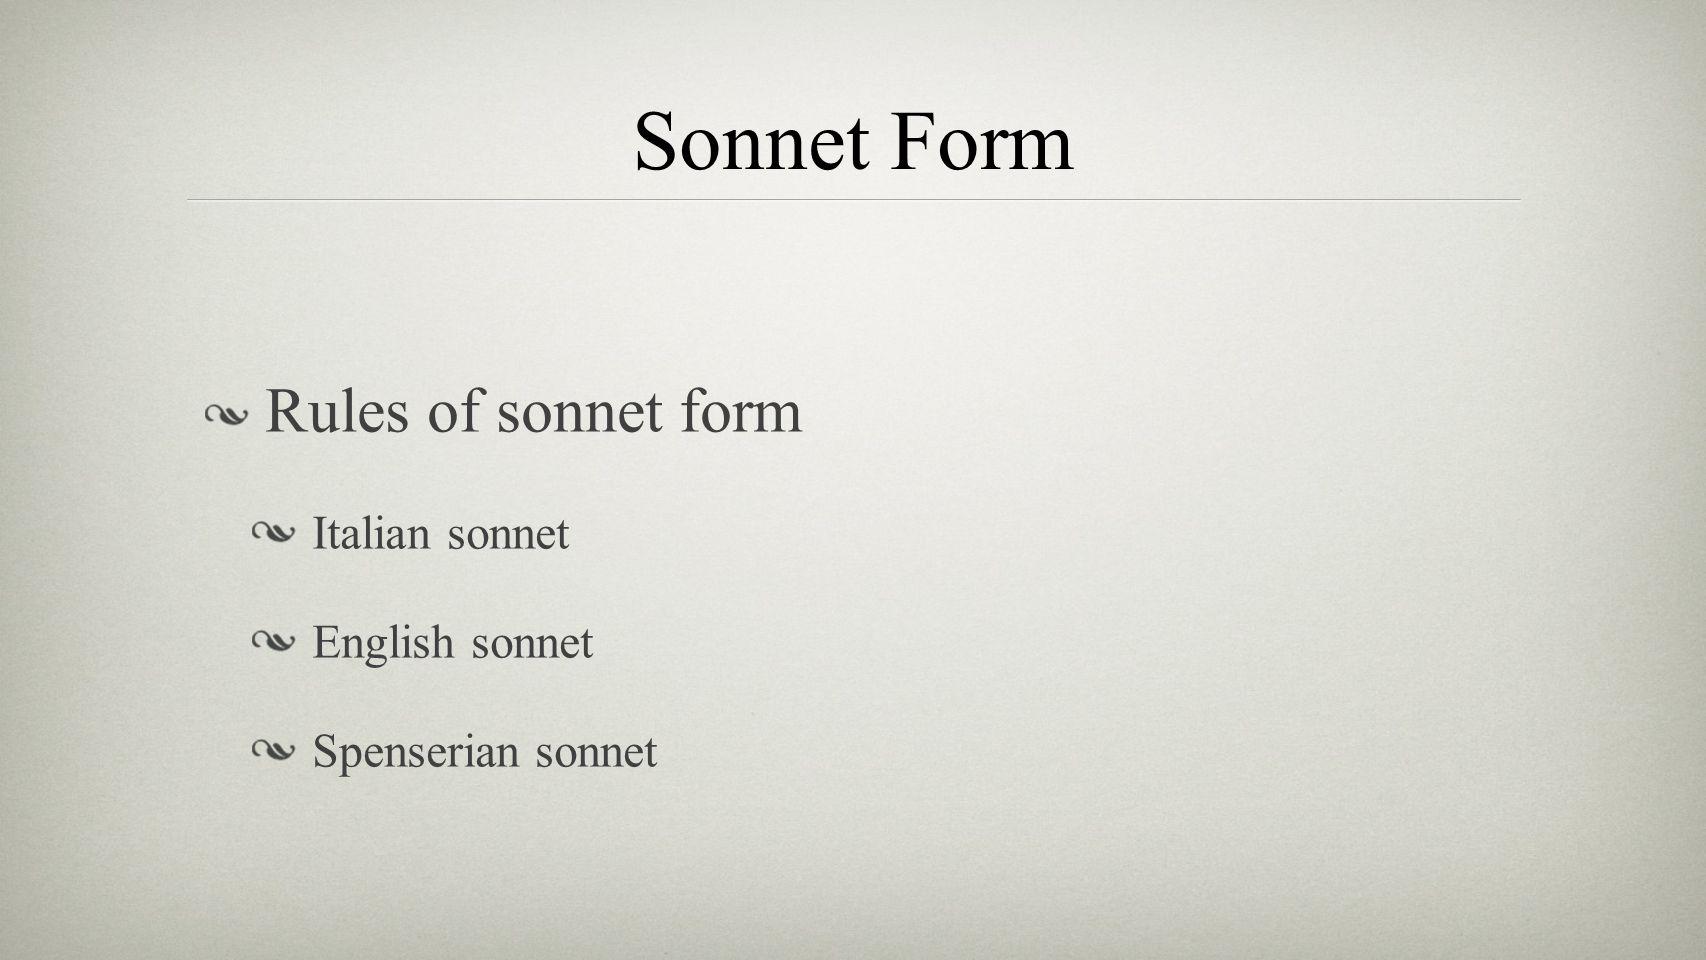 Sonnet Form Rules of sonnet form Italian sonnet English sonnet Spenserian sonnet